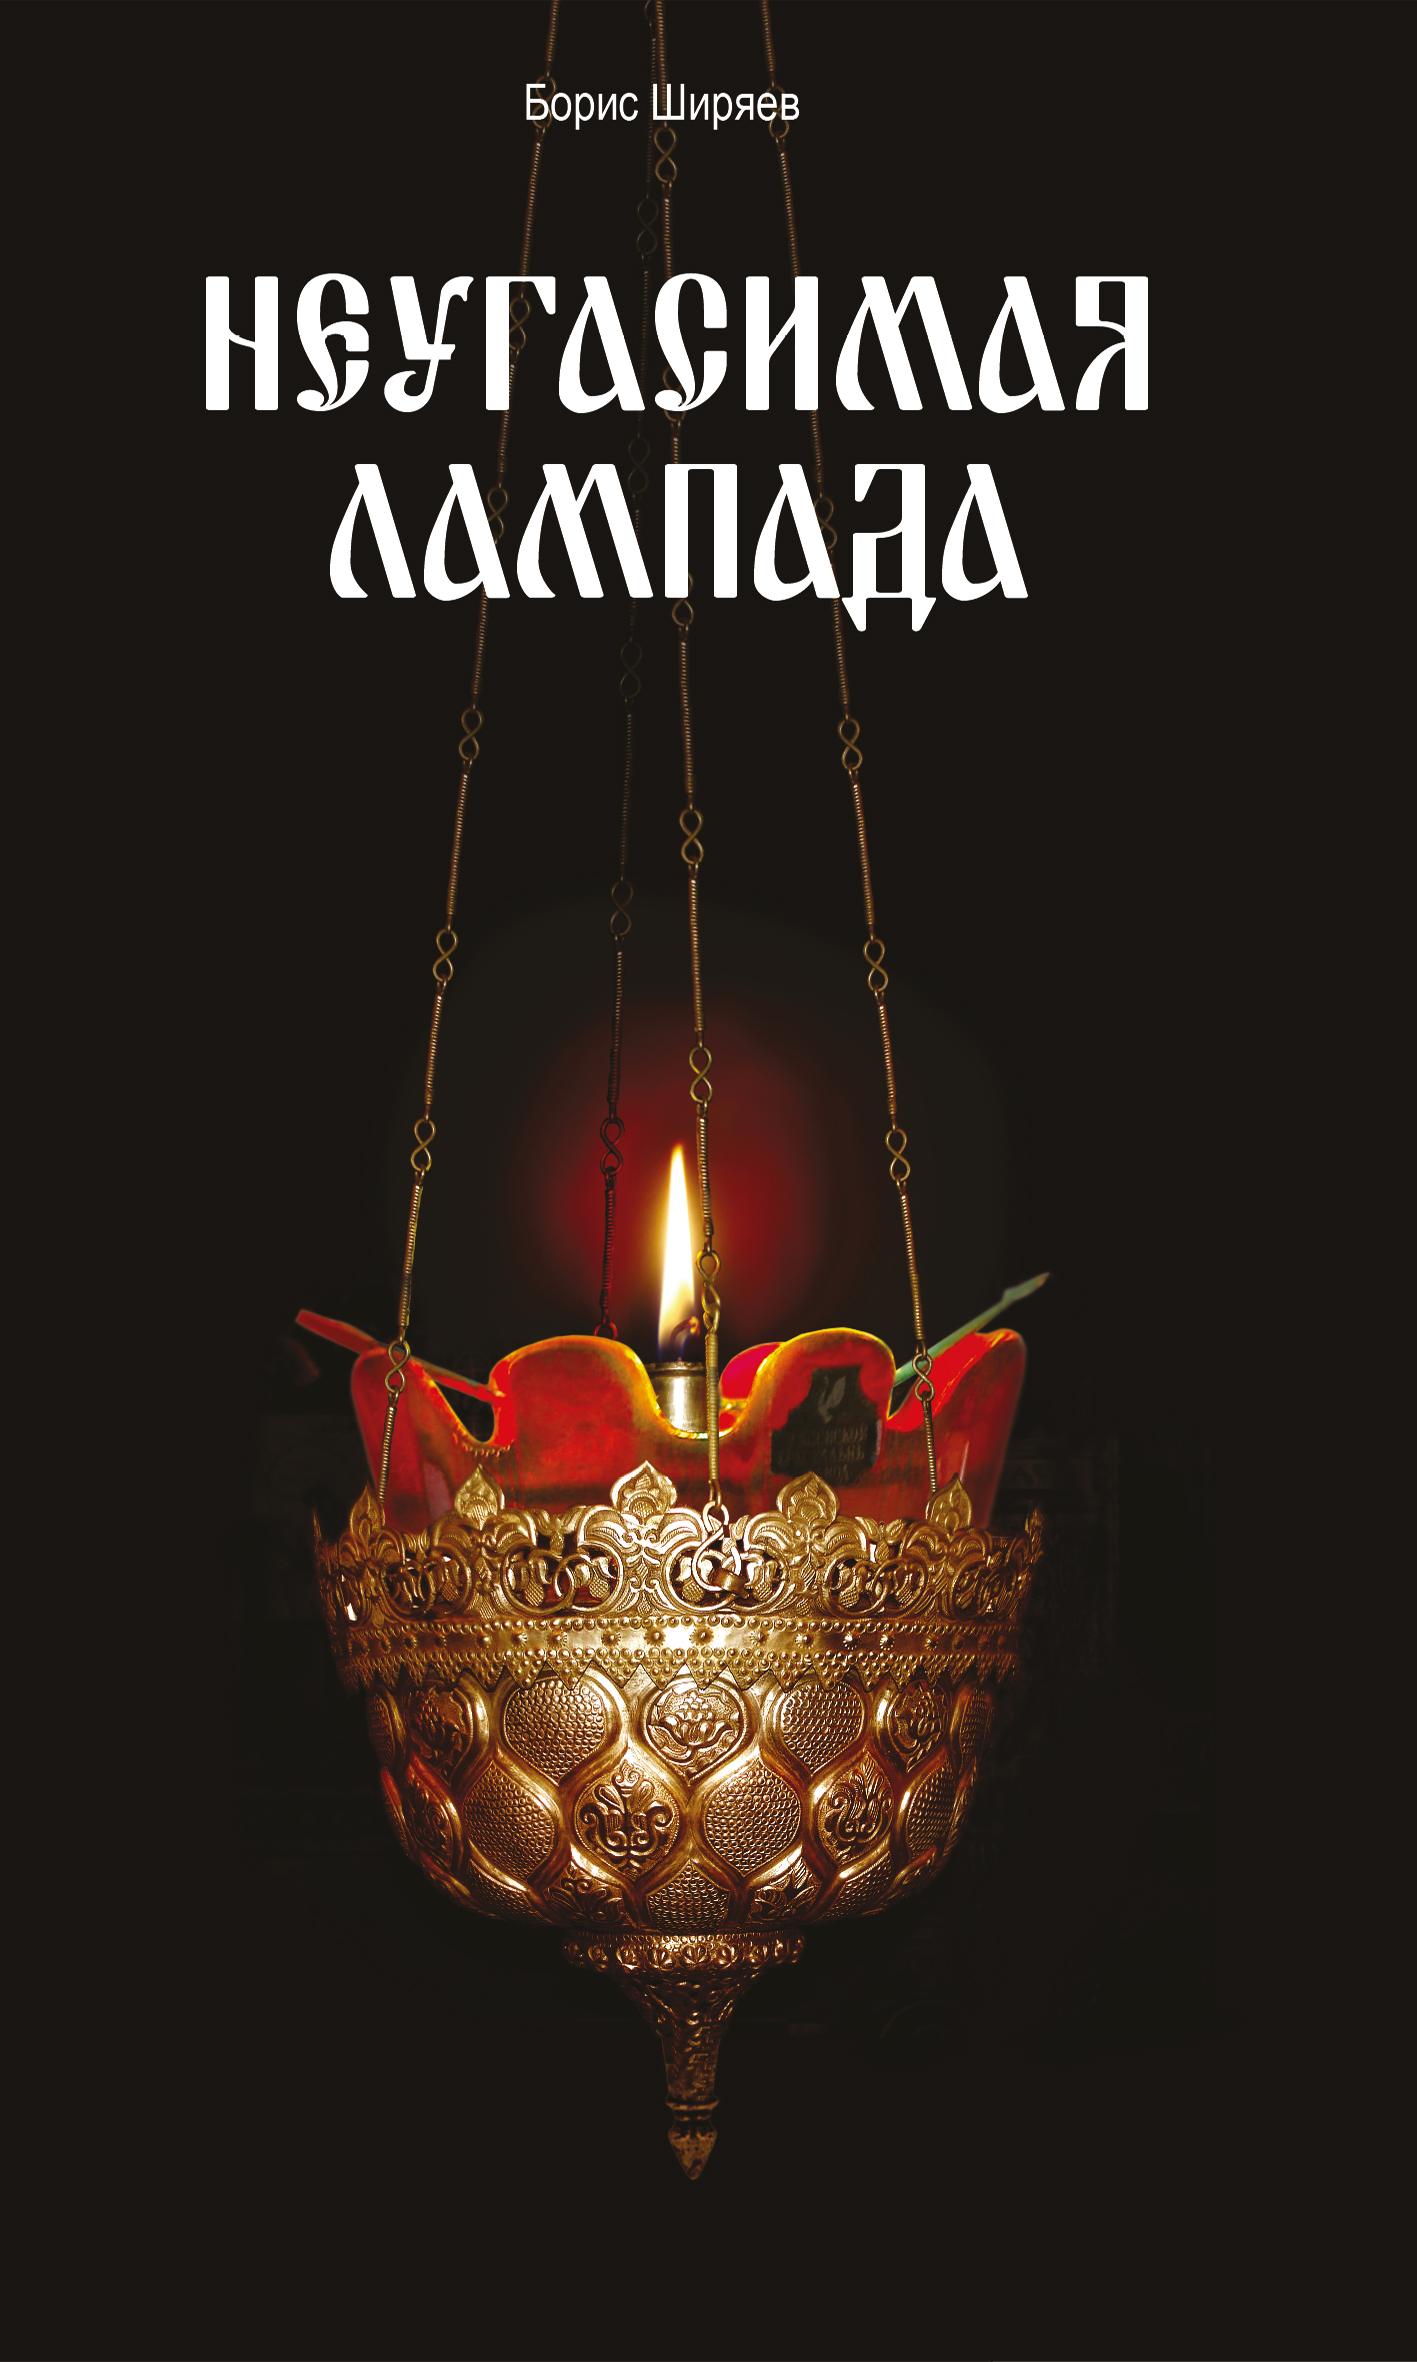 Борис Ширяев Неугасимая лампада рыбакова светлана николаевна чудесная лампада